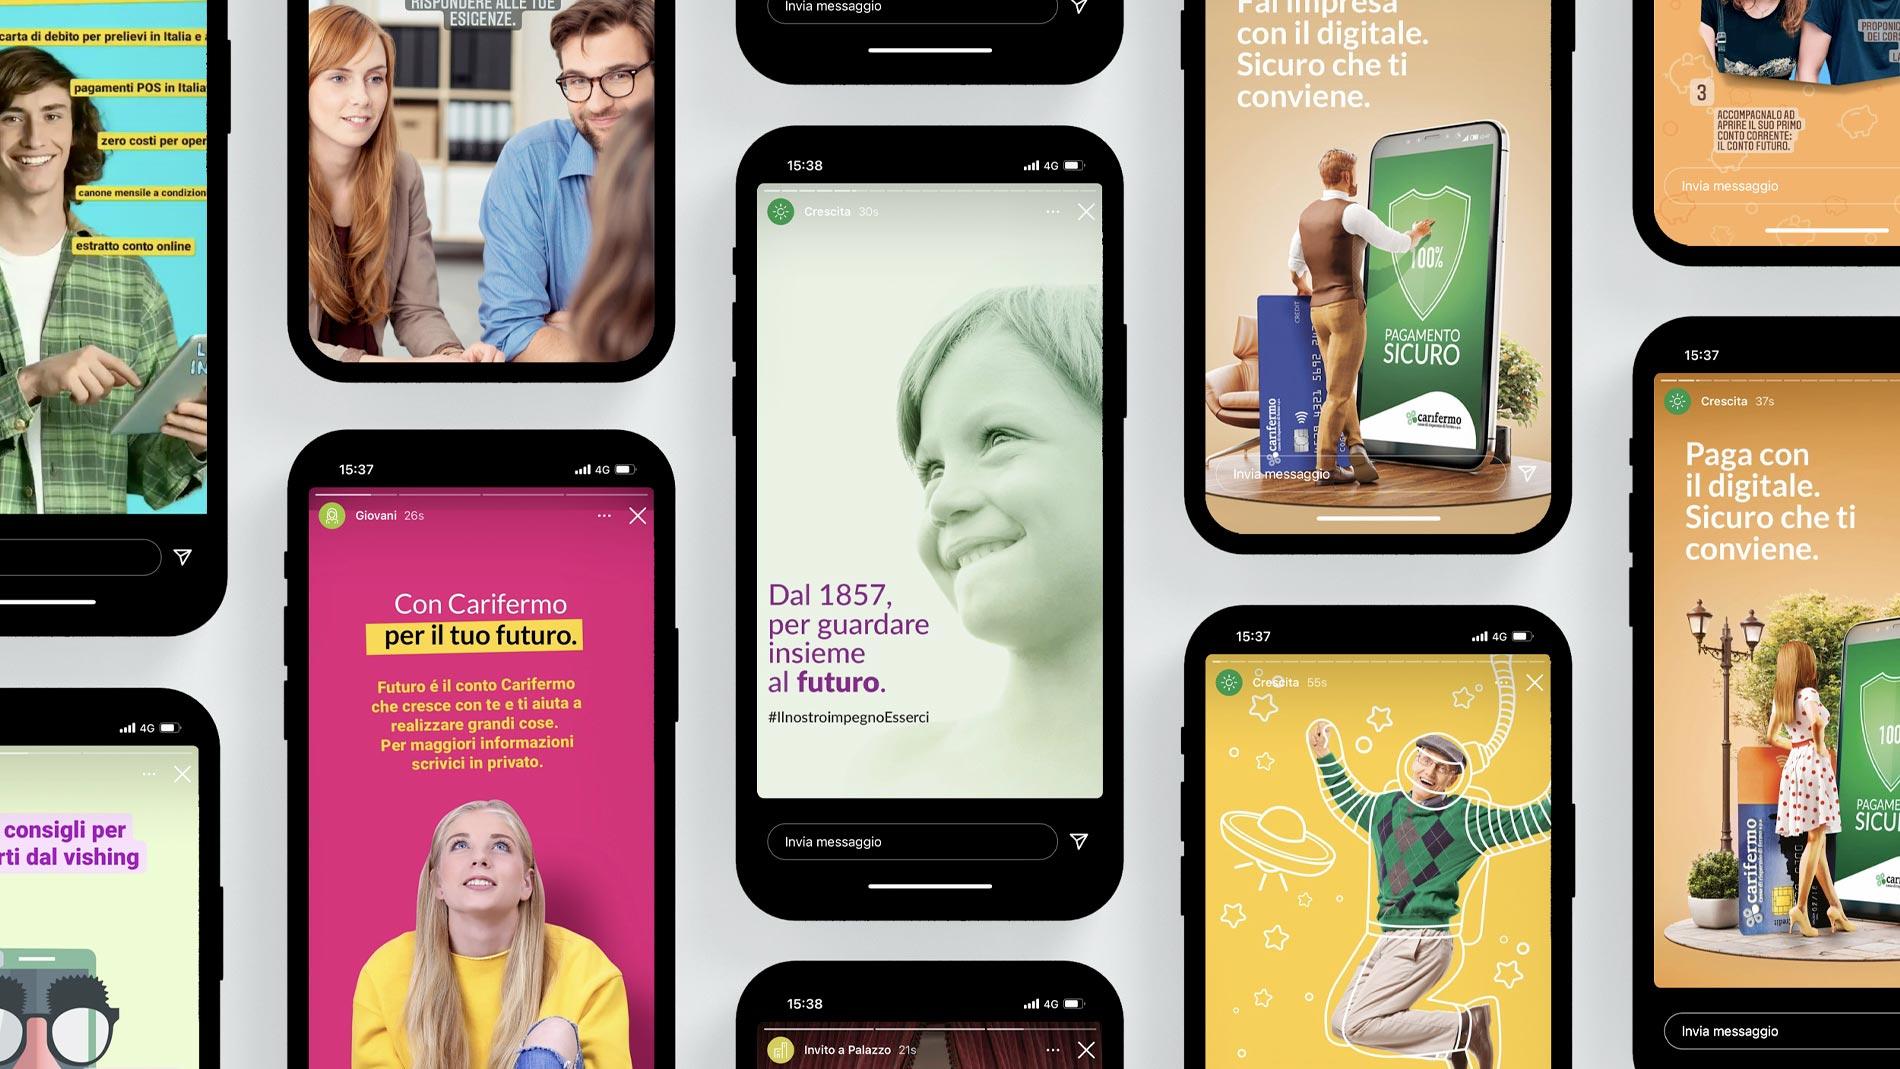 Realizzazione campagne pubblicitarie per Carifermo   Hammer ADV   Instagram